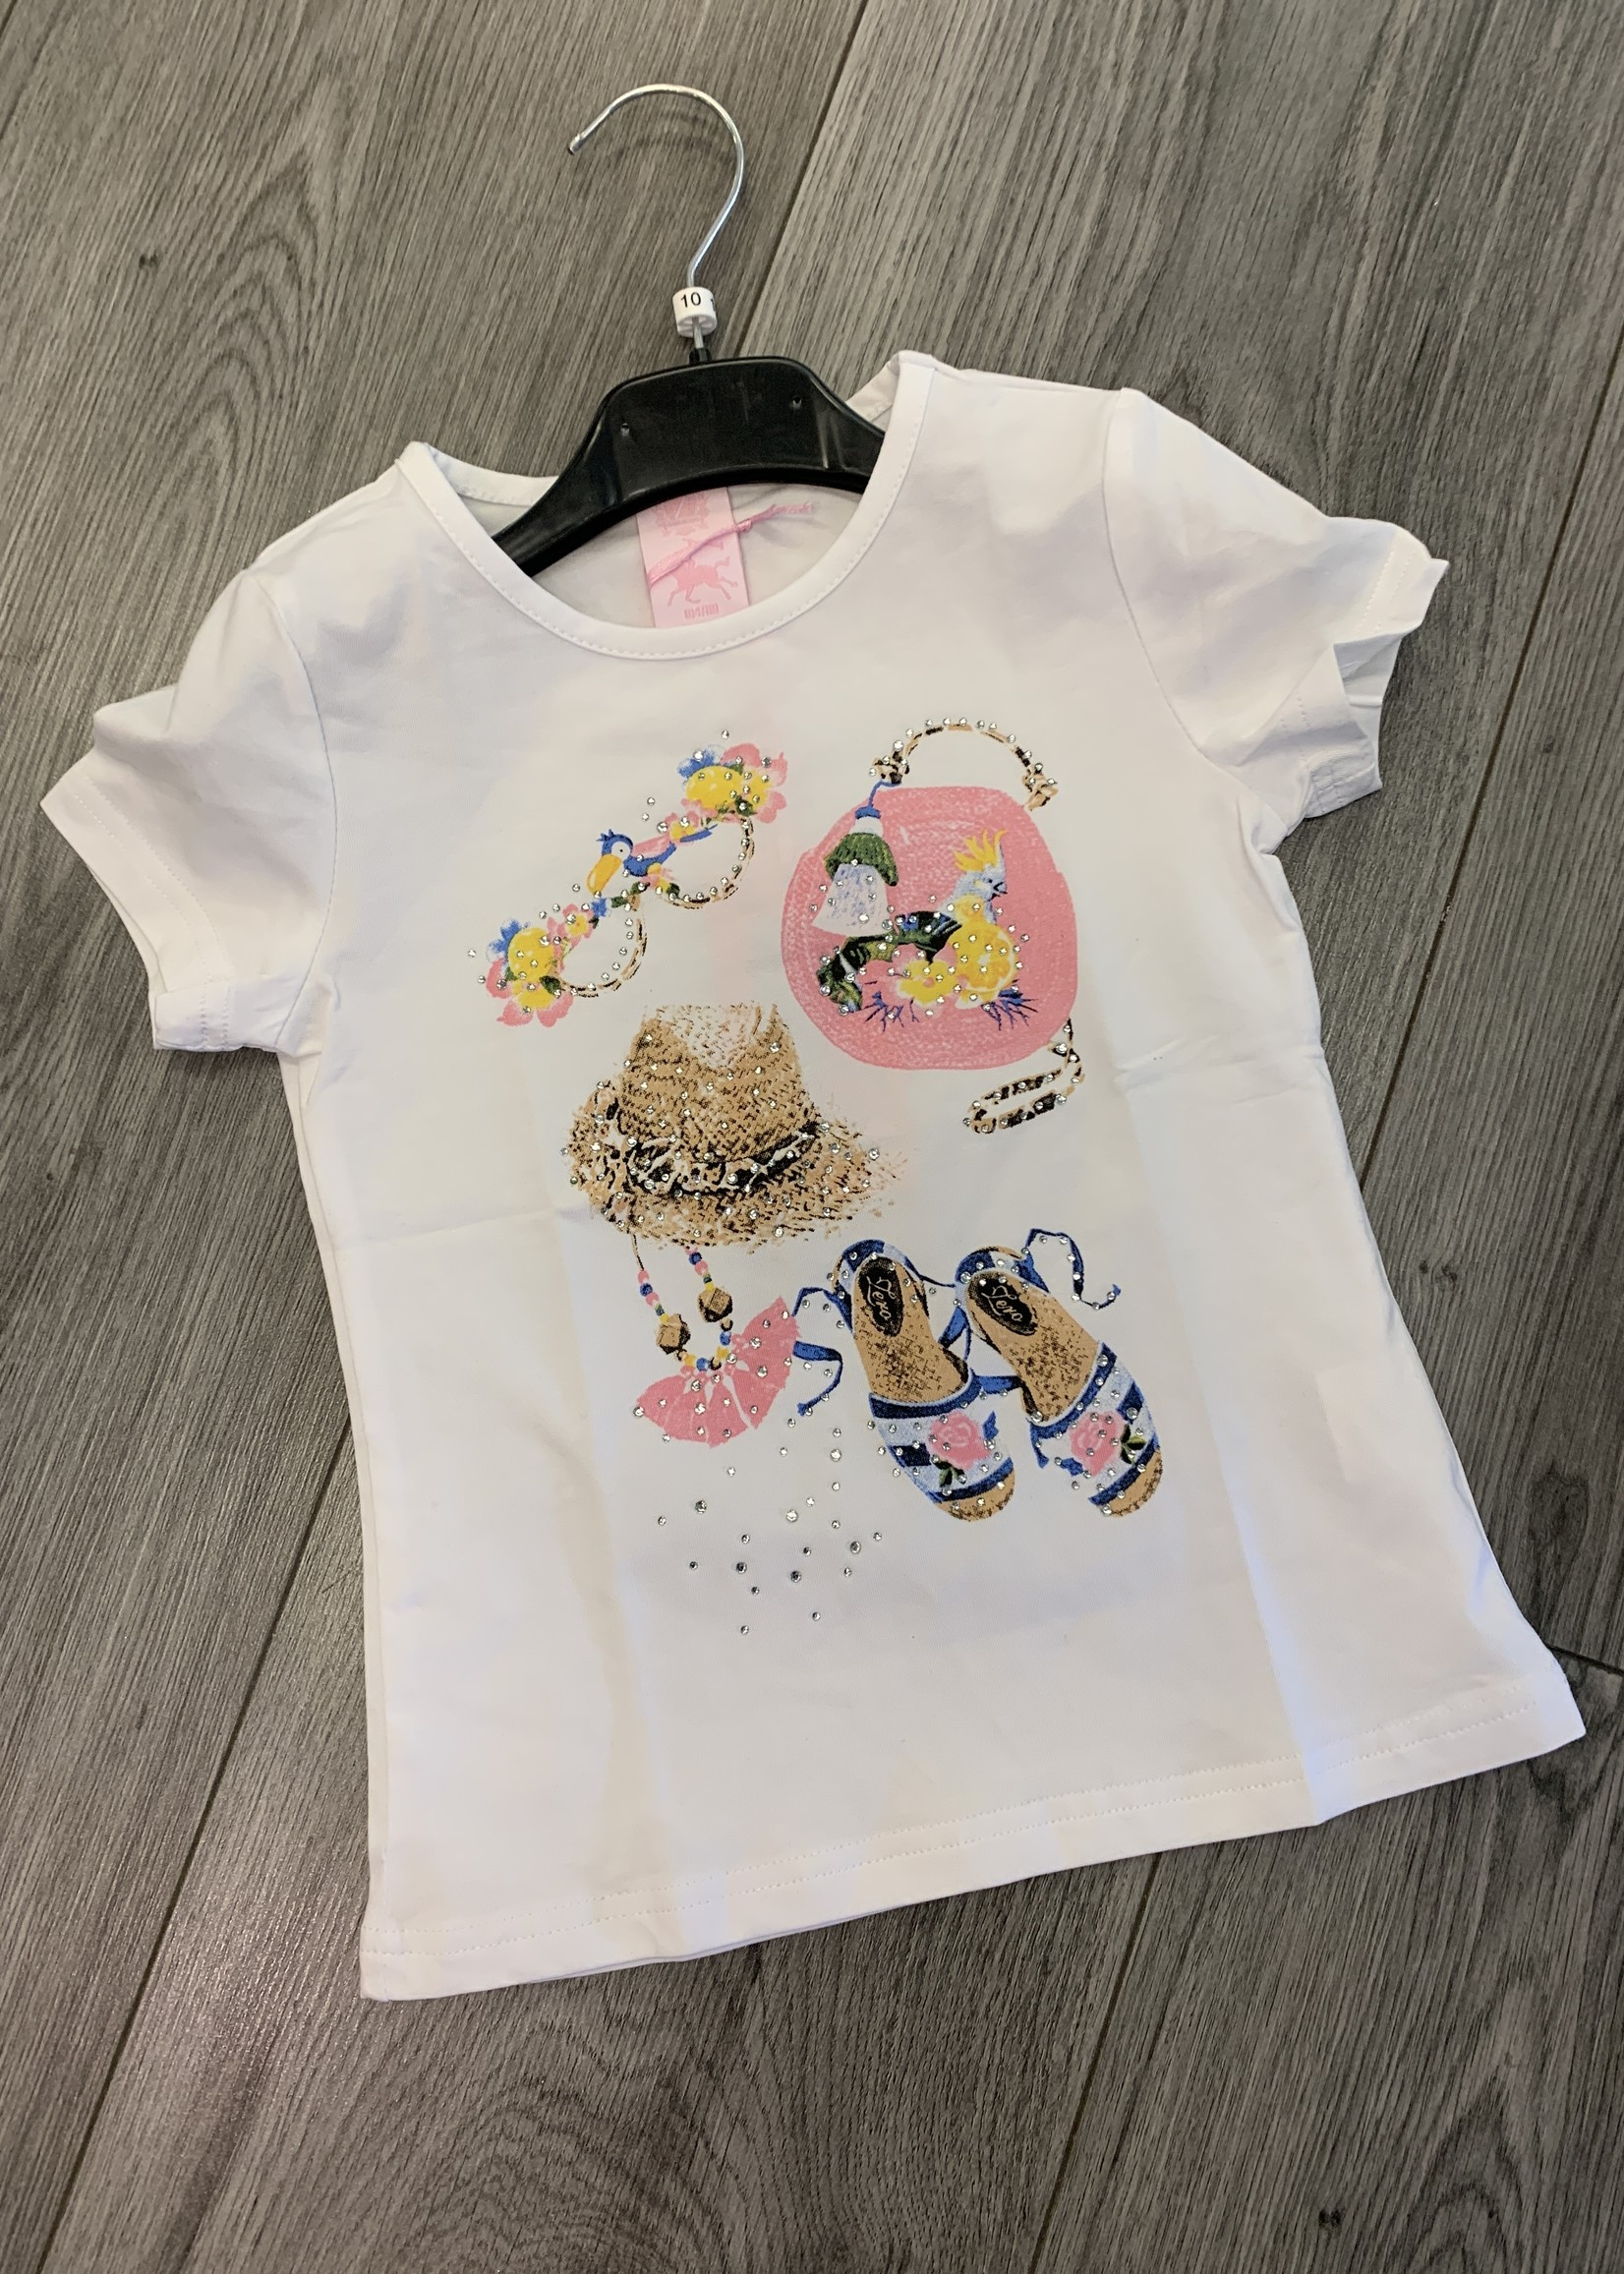 Divanis Divanis accessoires shirt wit